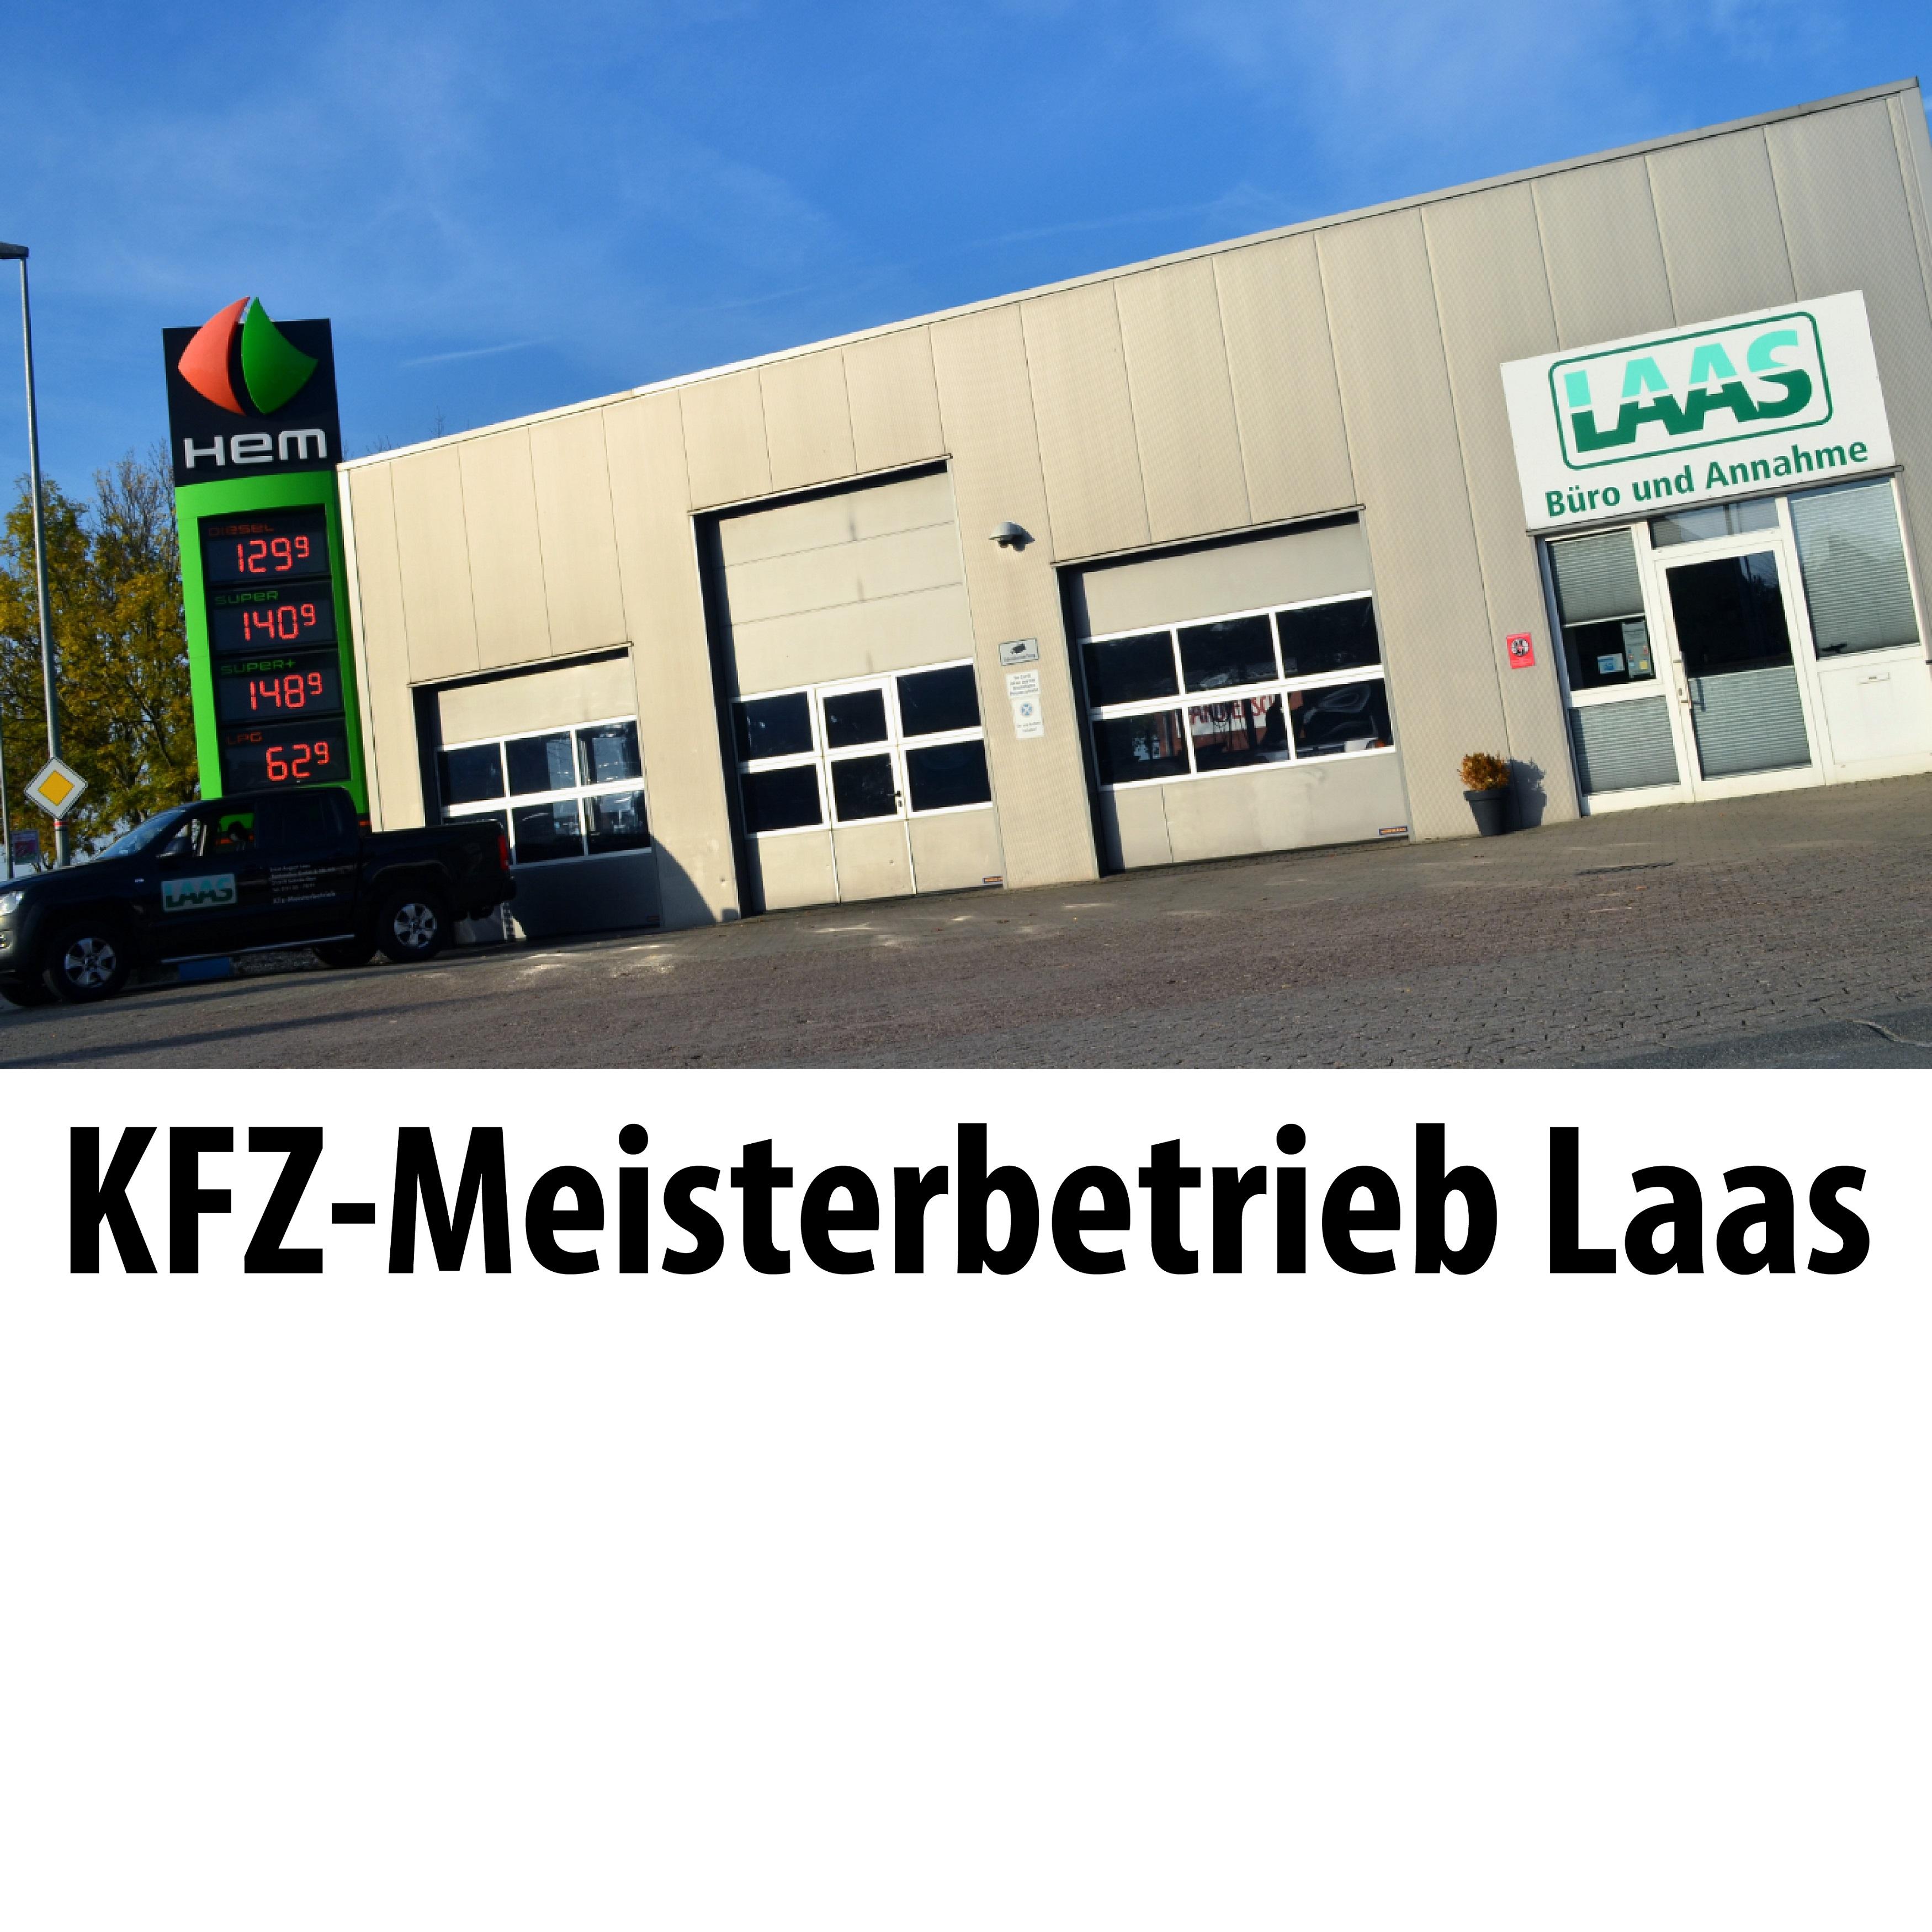 Kfz-Meisterbetrieb Laas Tankstellen GmbH & Co. KG Sehnde